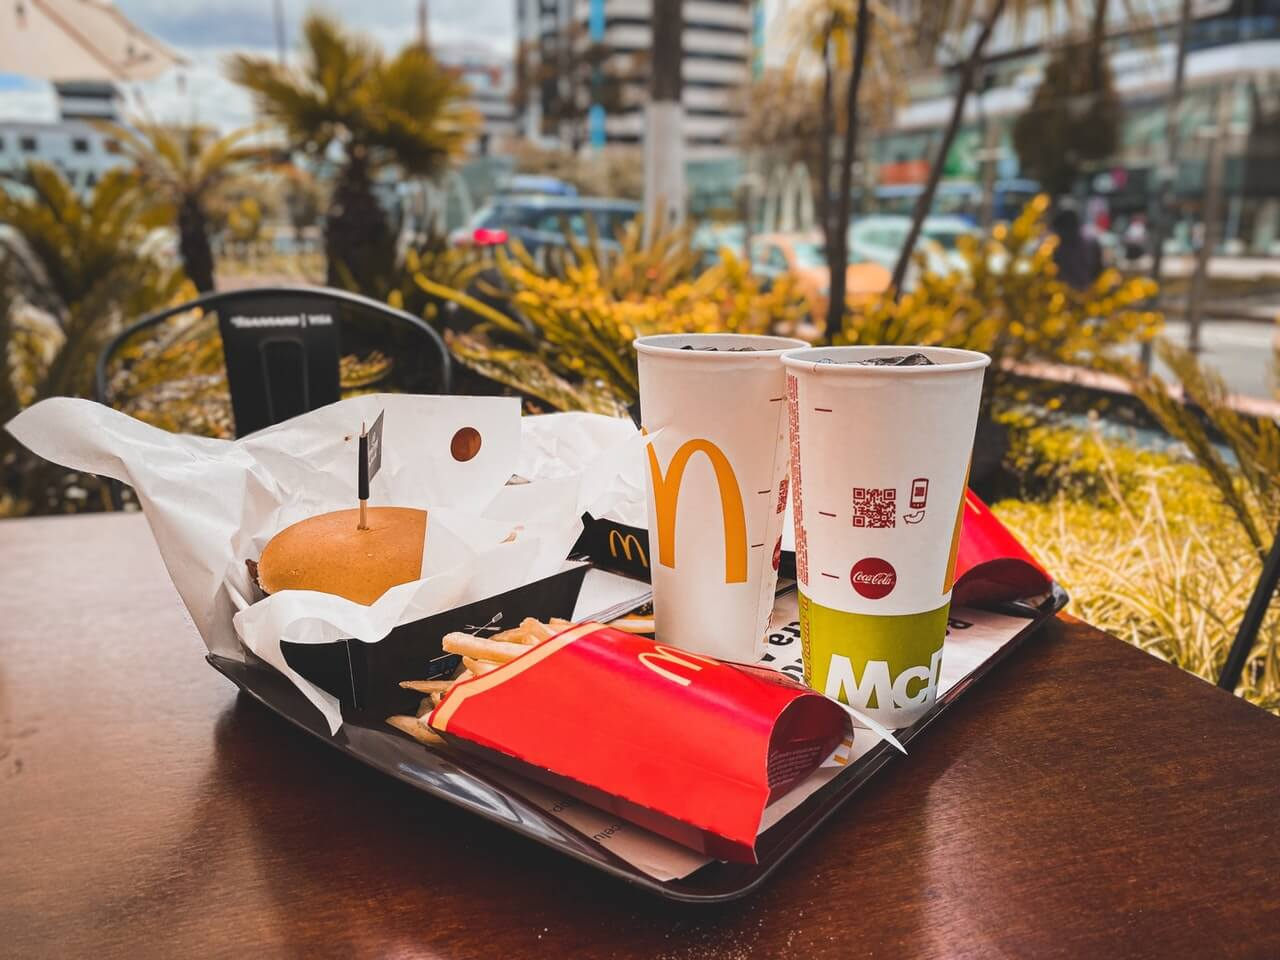 McDonald's Branding